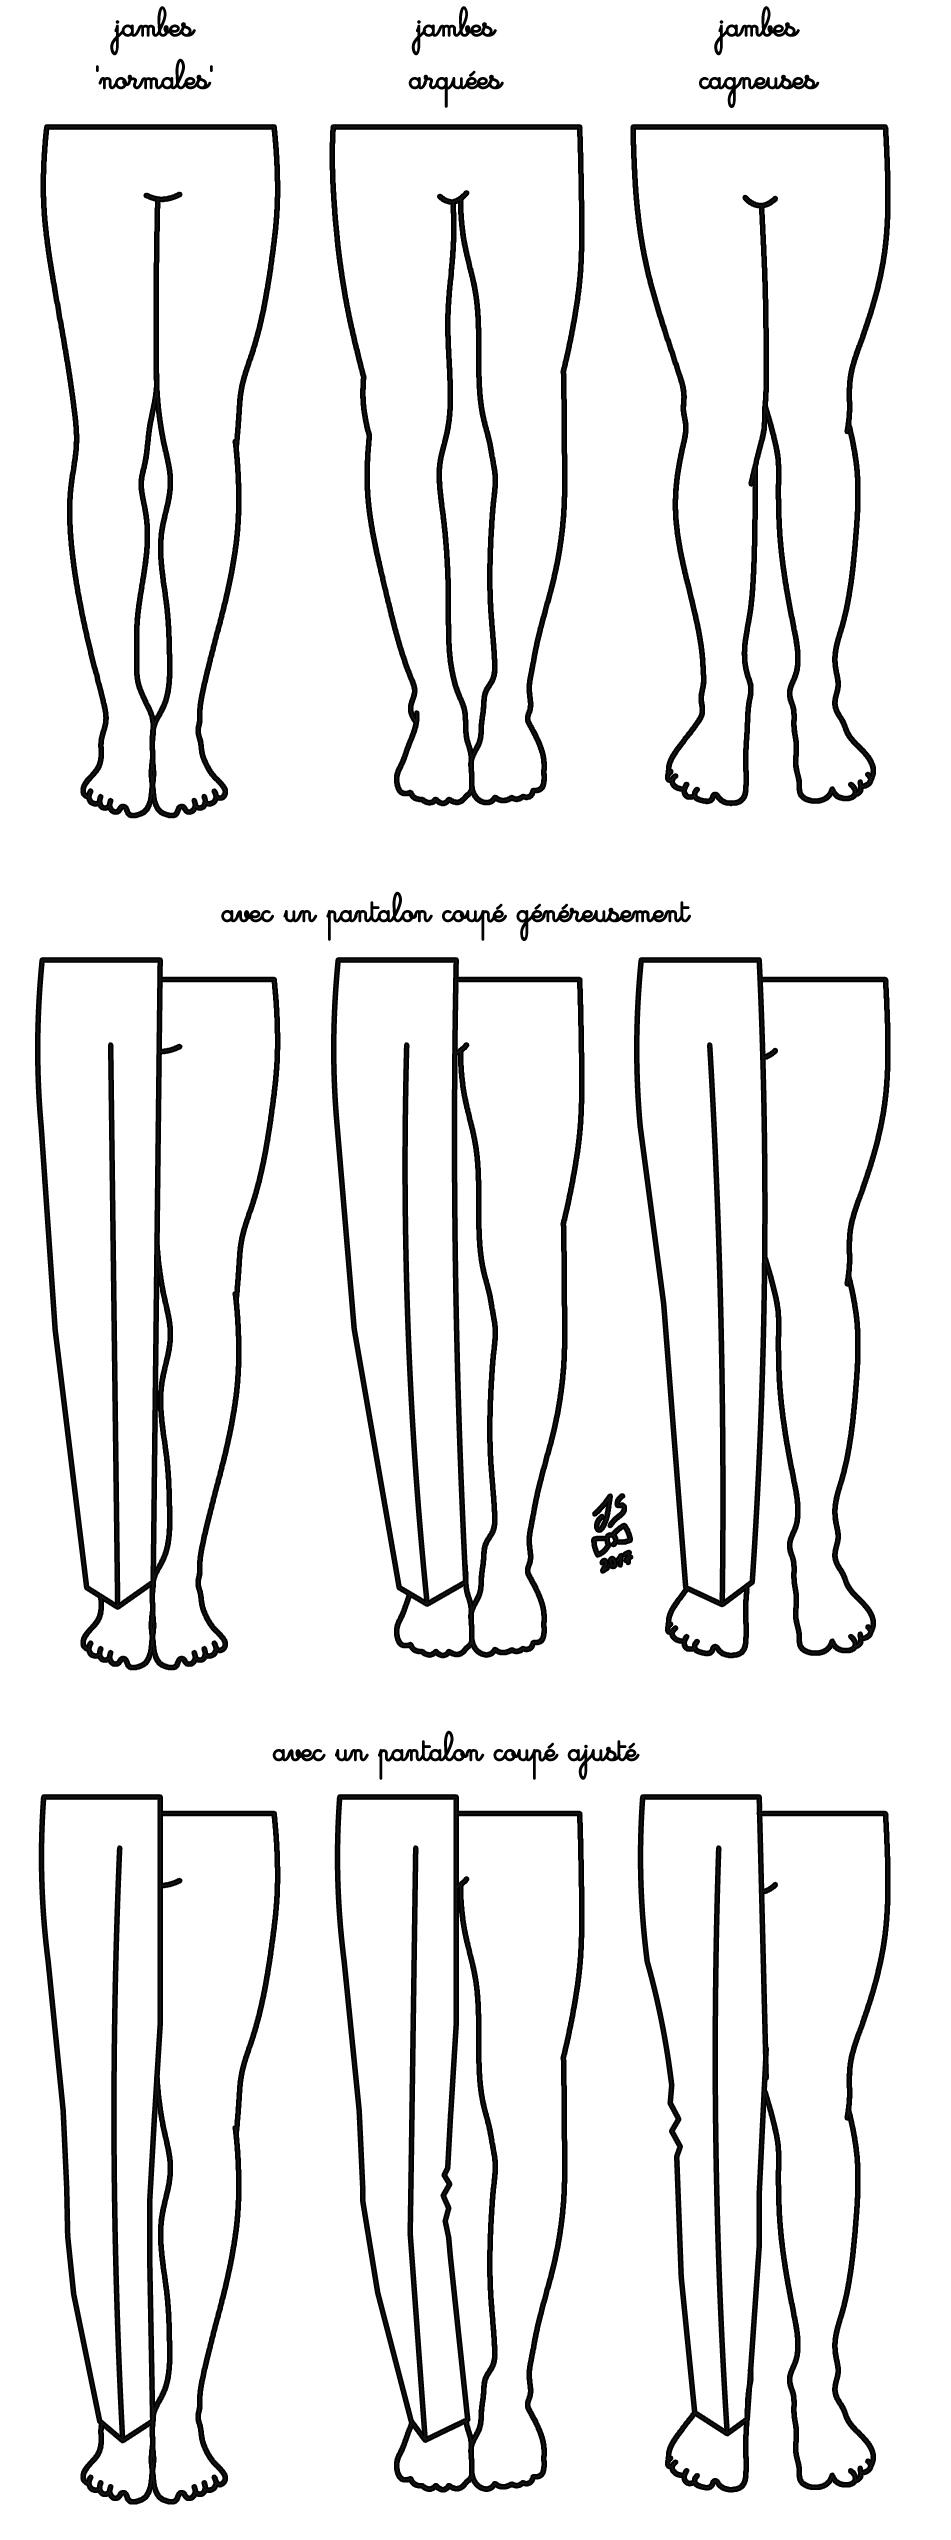 Photo extraite de l'excellent article de Stiff-Collar sur la ligne des jambes. Un pantalon ample permet de garder une bonne ligne malgré une posture de jambes atypique ou un excès de gras, alors qu'elle serait complètement déformée avec une coupe ajustée.